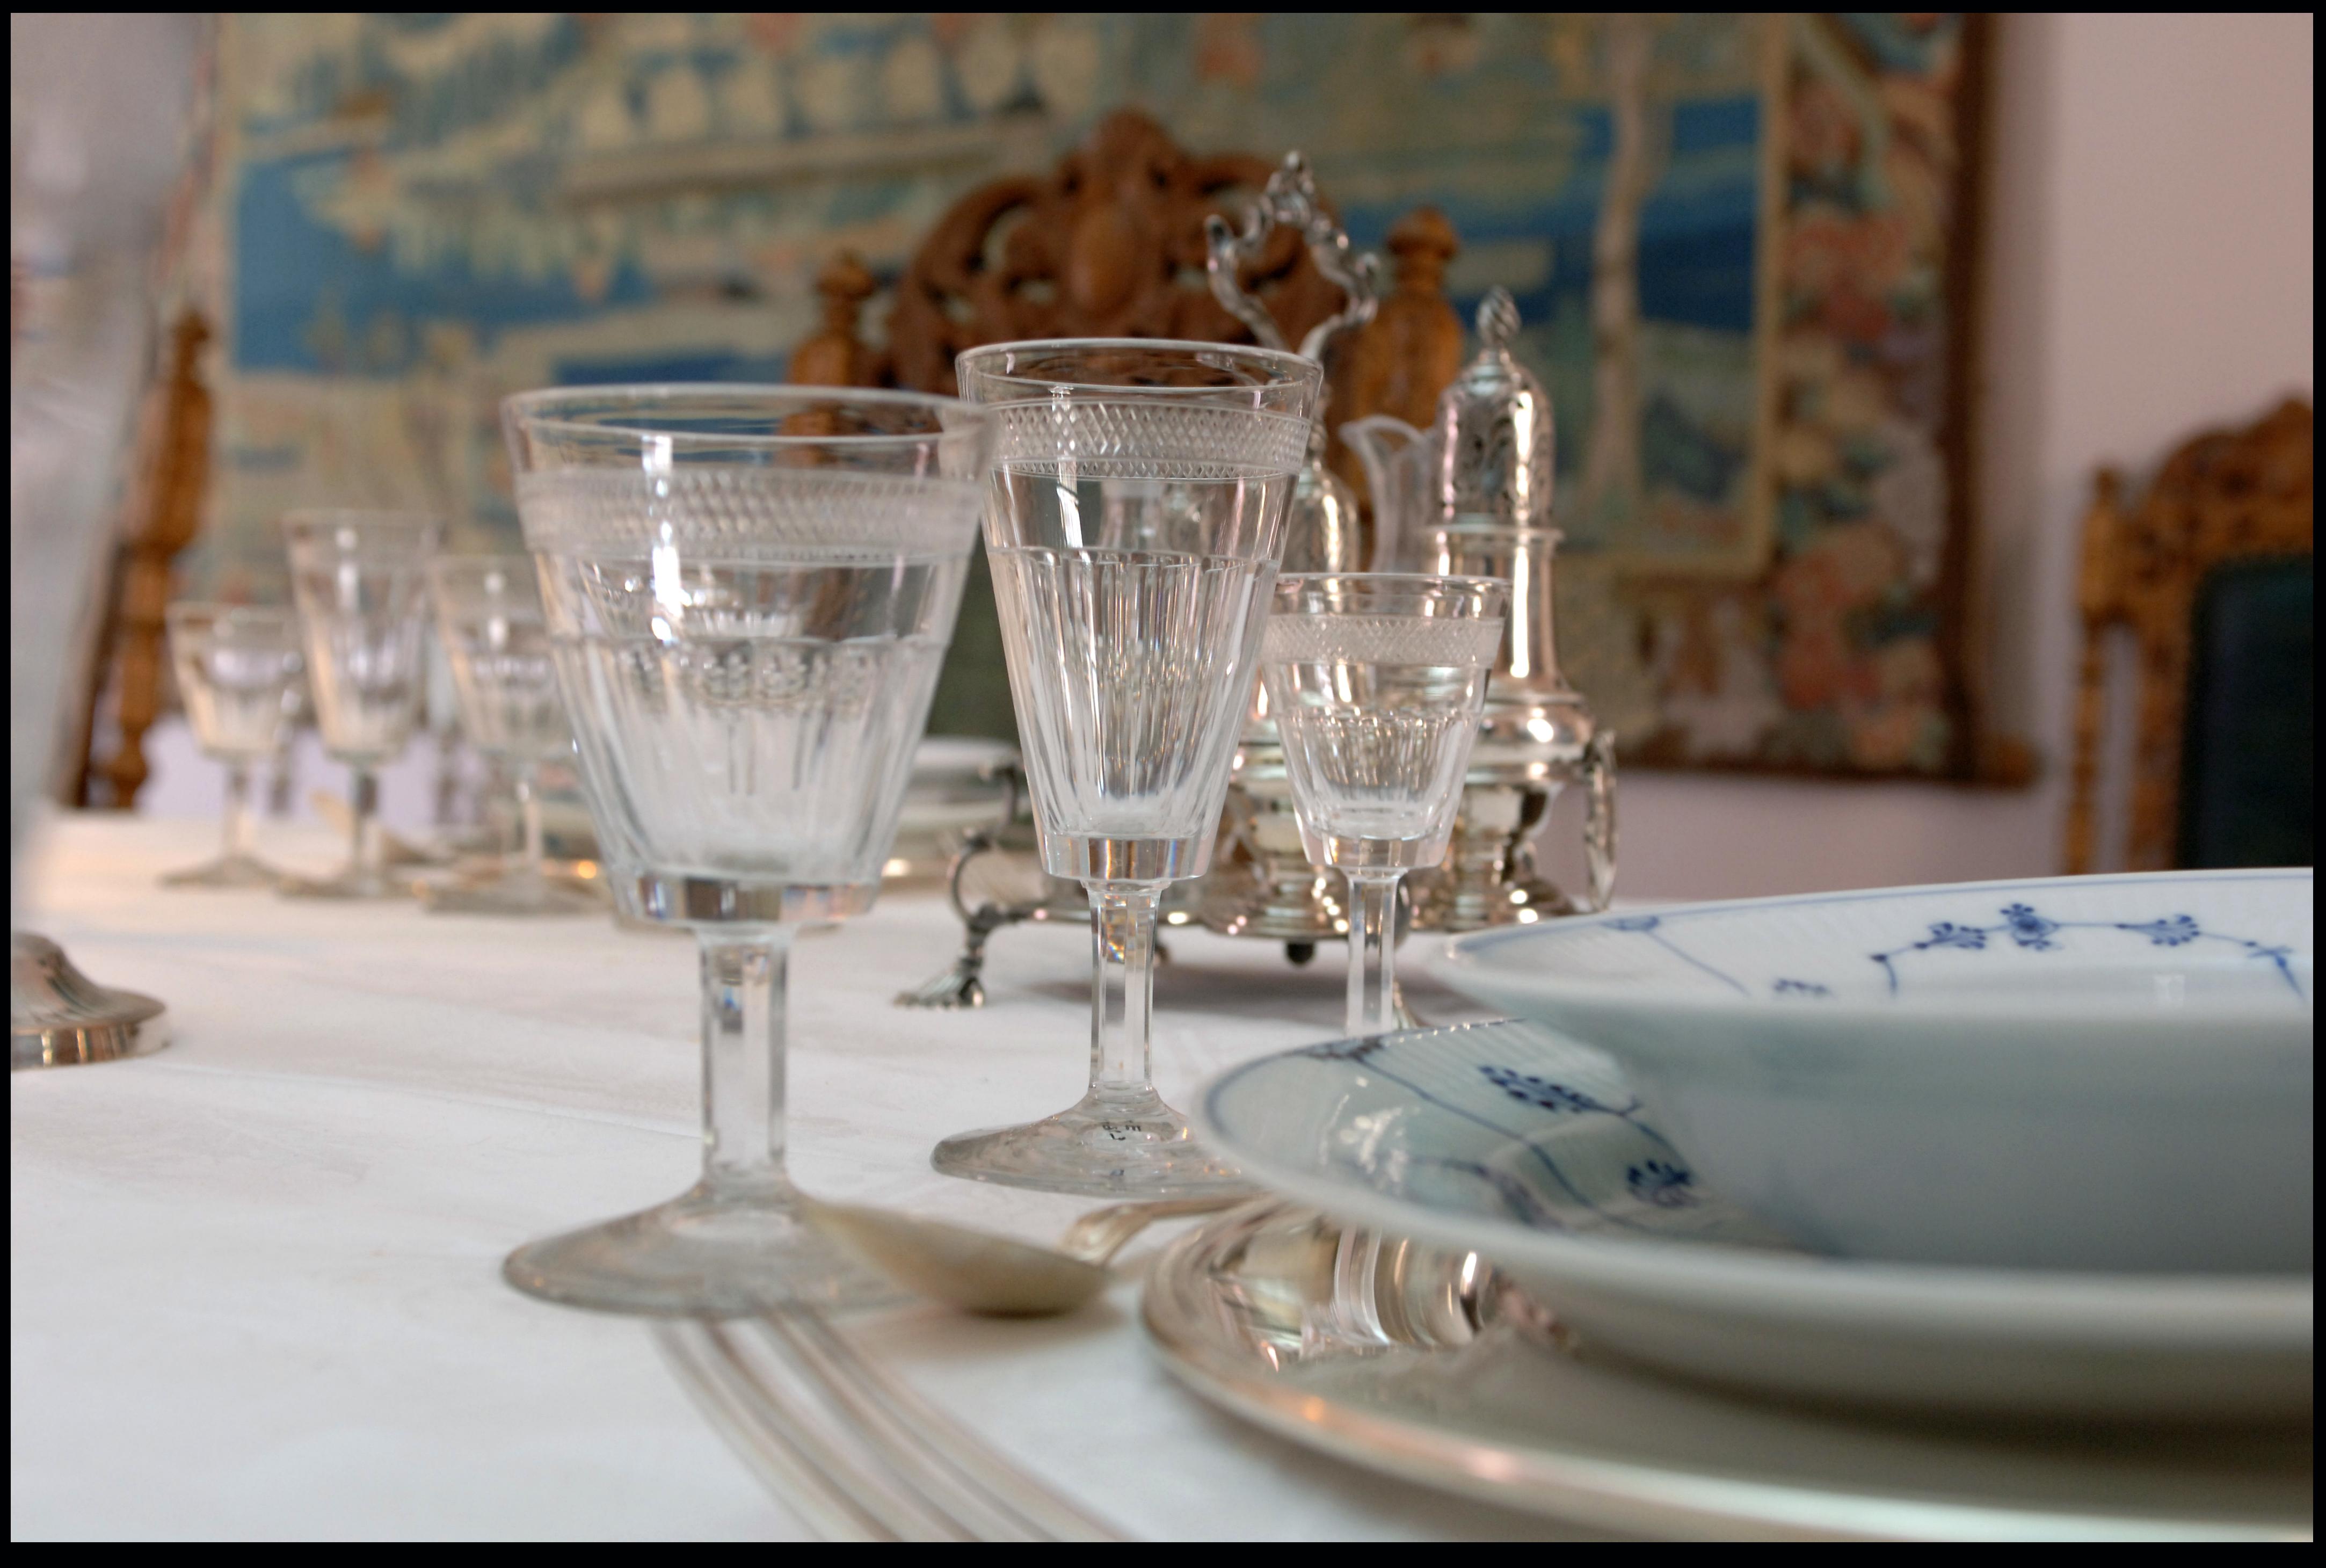 DUKET OG DEKKET: Niels Aall hadde mange viktige møter og inviterte folk til bords.  Foto: Tom Riis